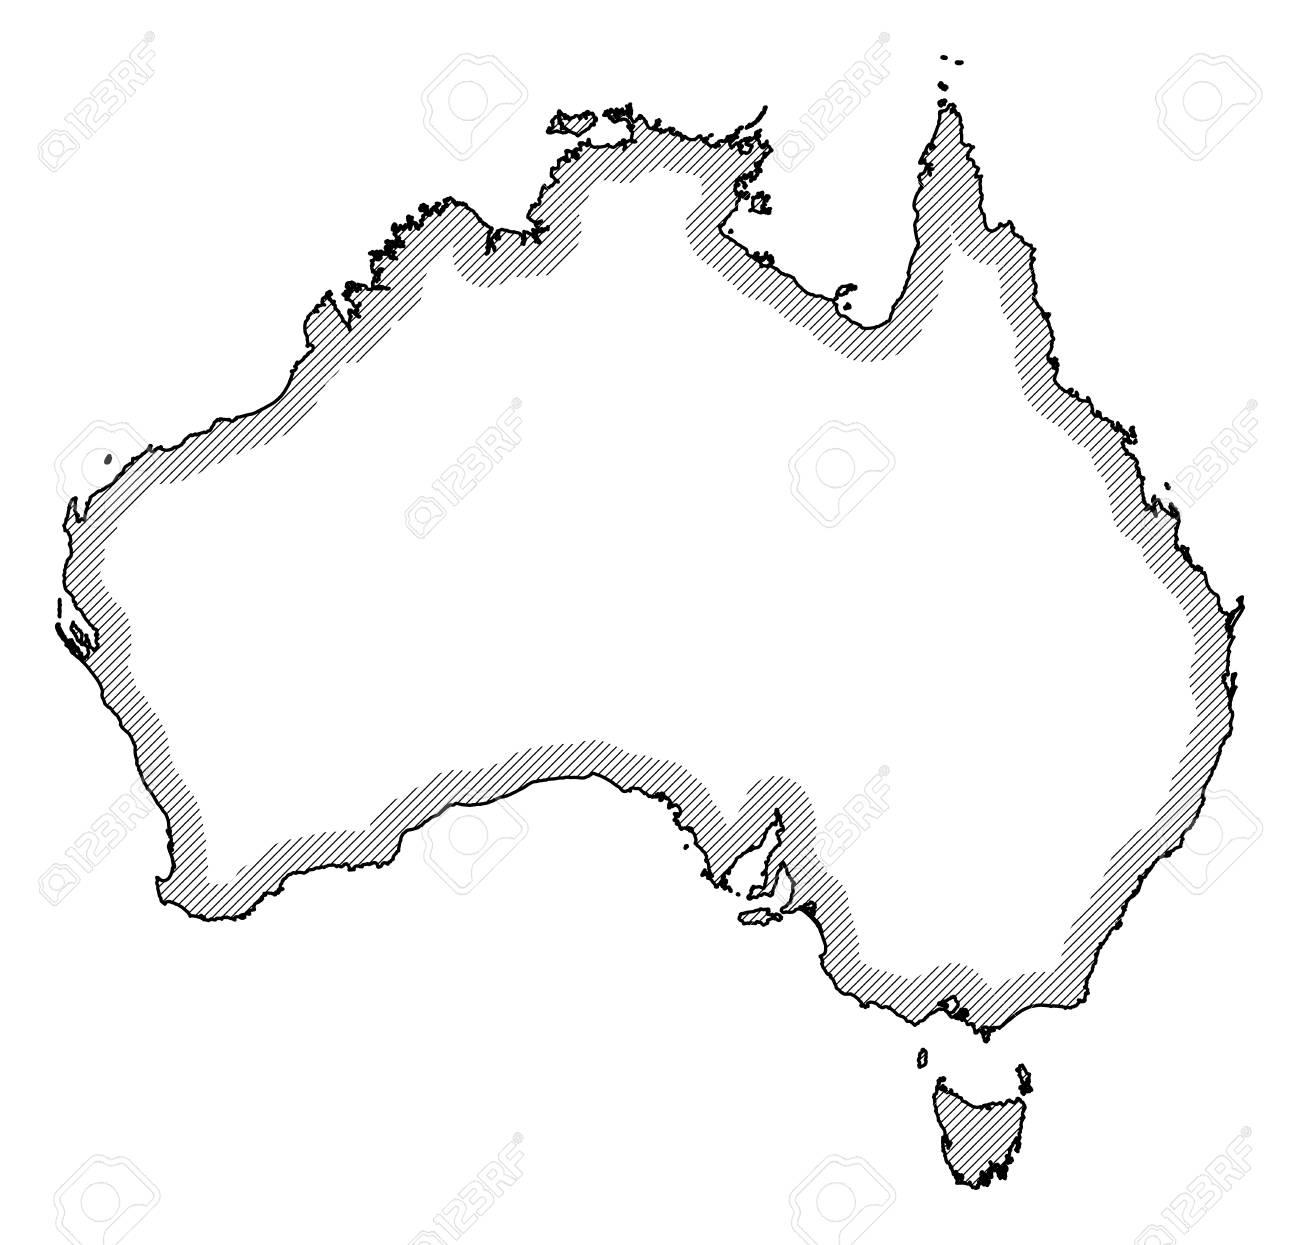 Australia Map Black And White.Map Of Australia In Black And White Australia Is Highlighted